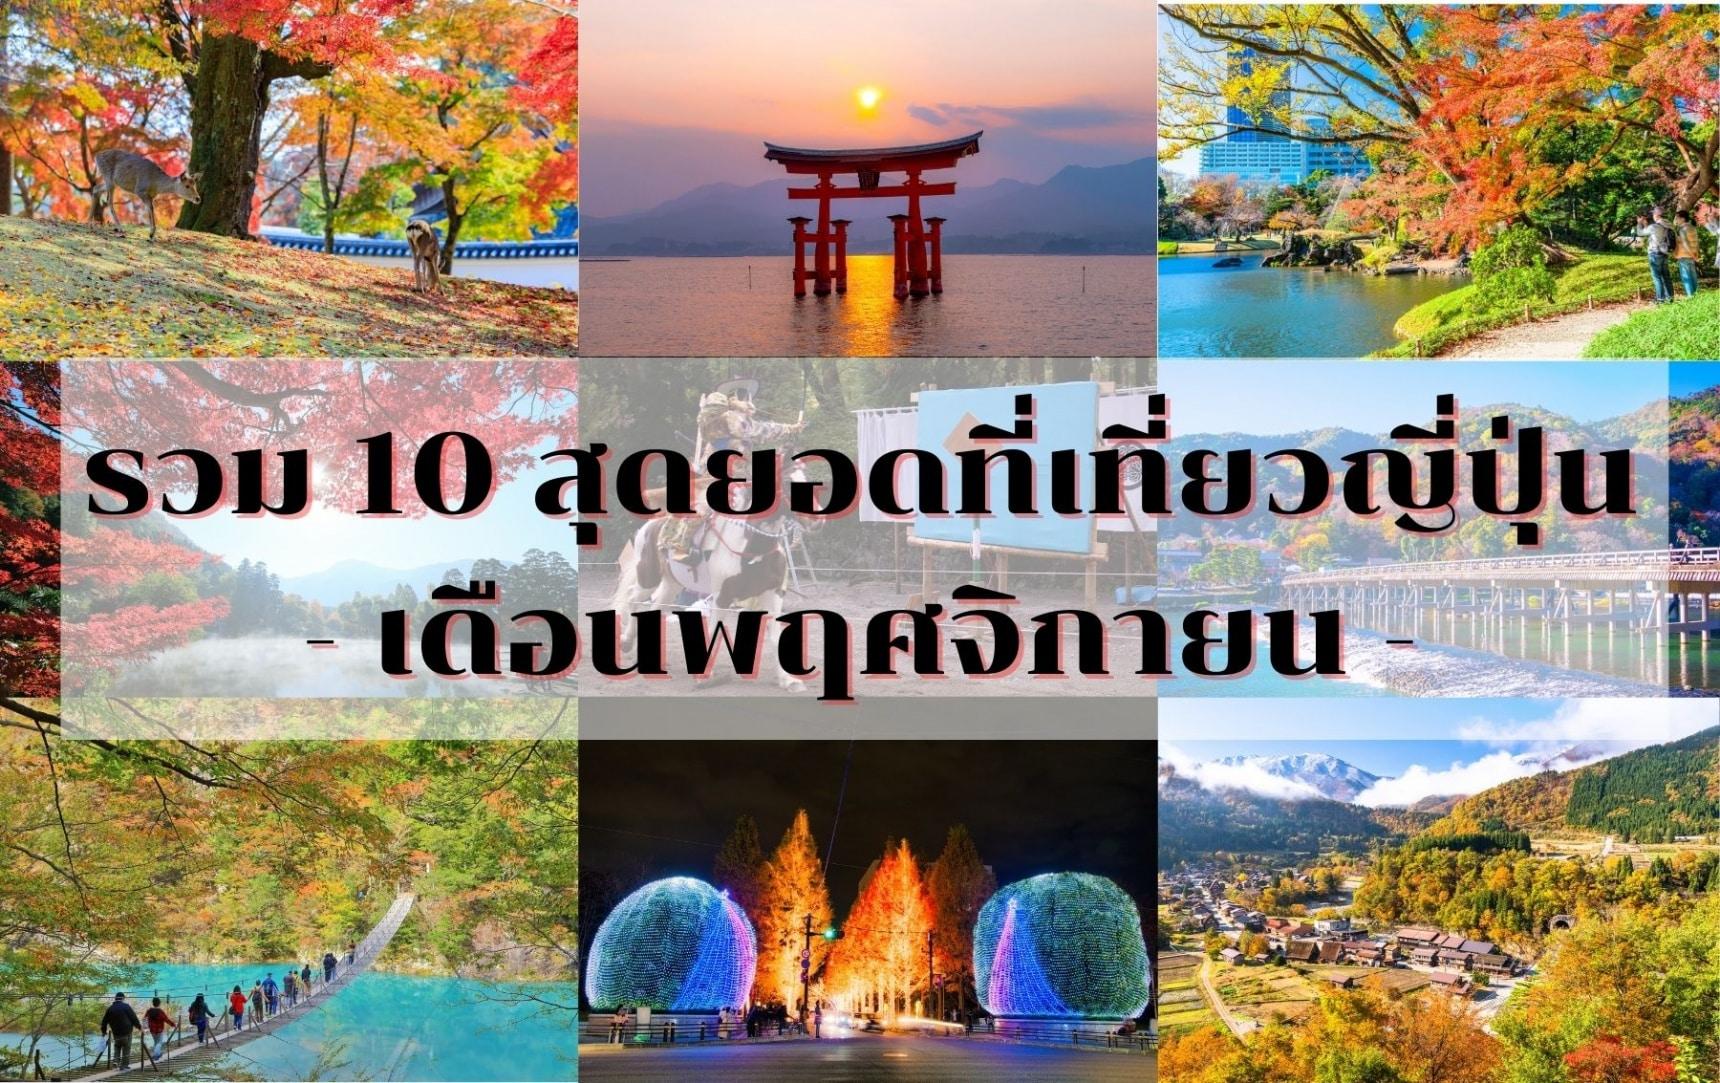 รวม 10 สุดยอดที่เที่ยวญี่ปุ่นเดือนพฤศจิกายน